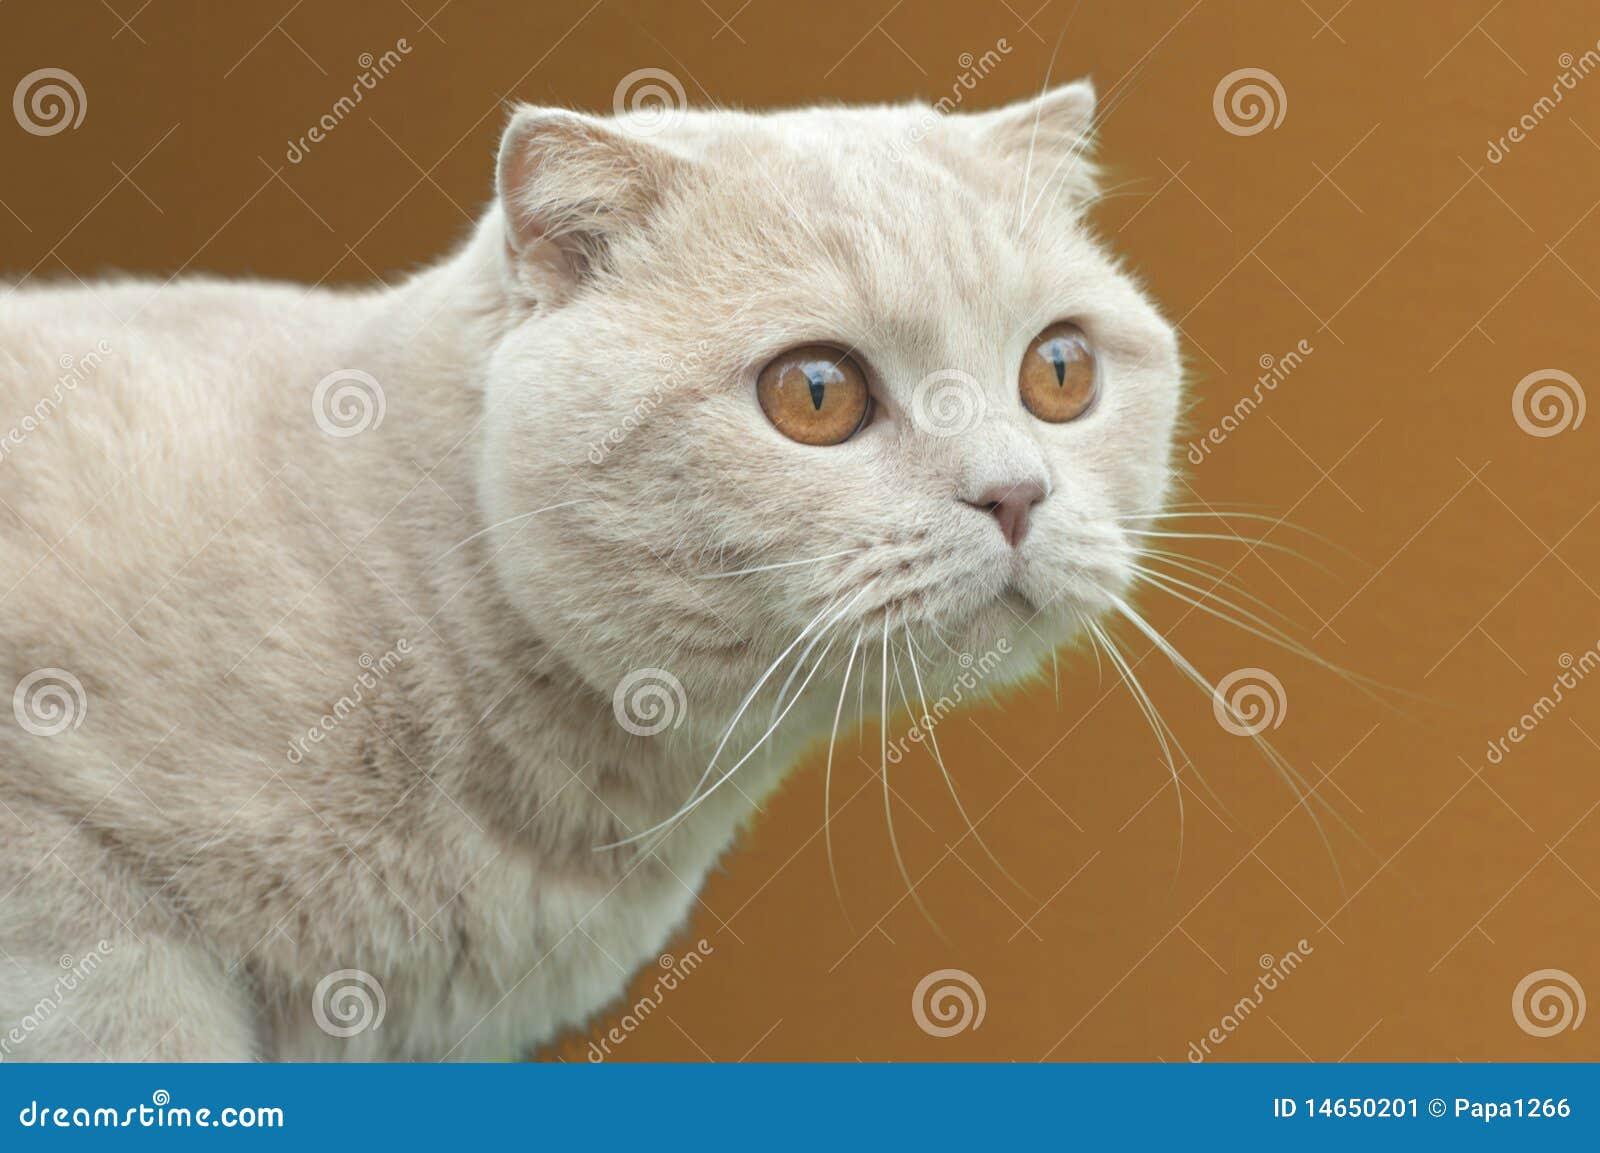 himalayan cats kittens